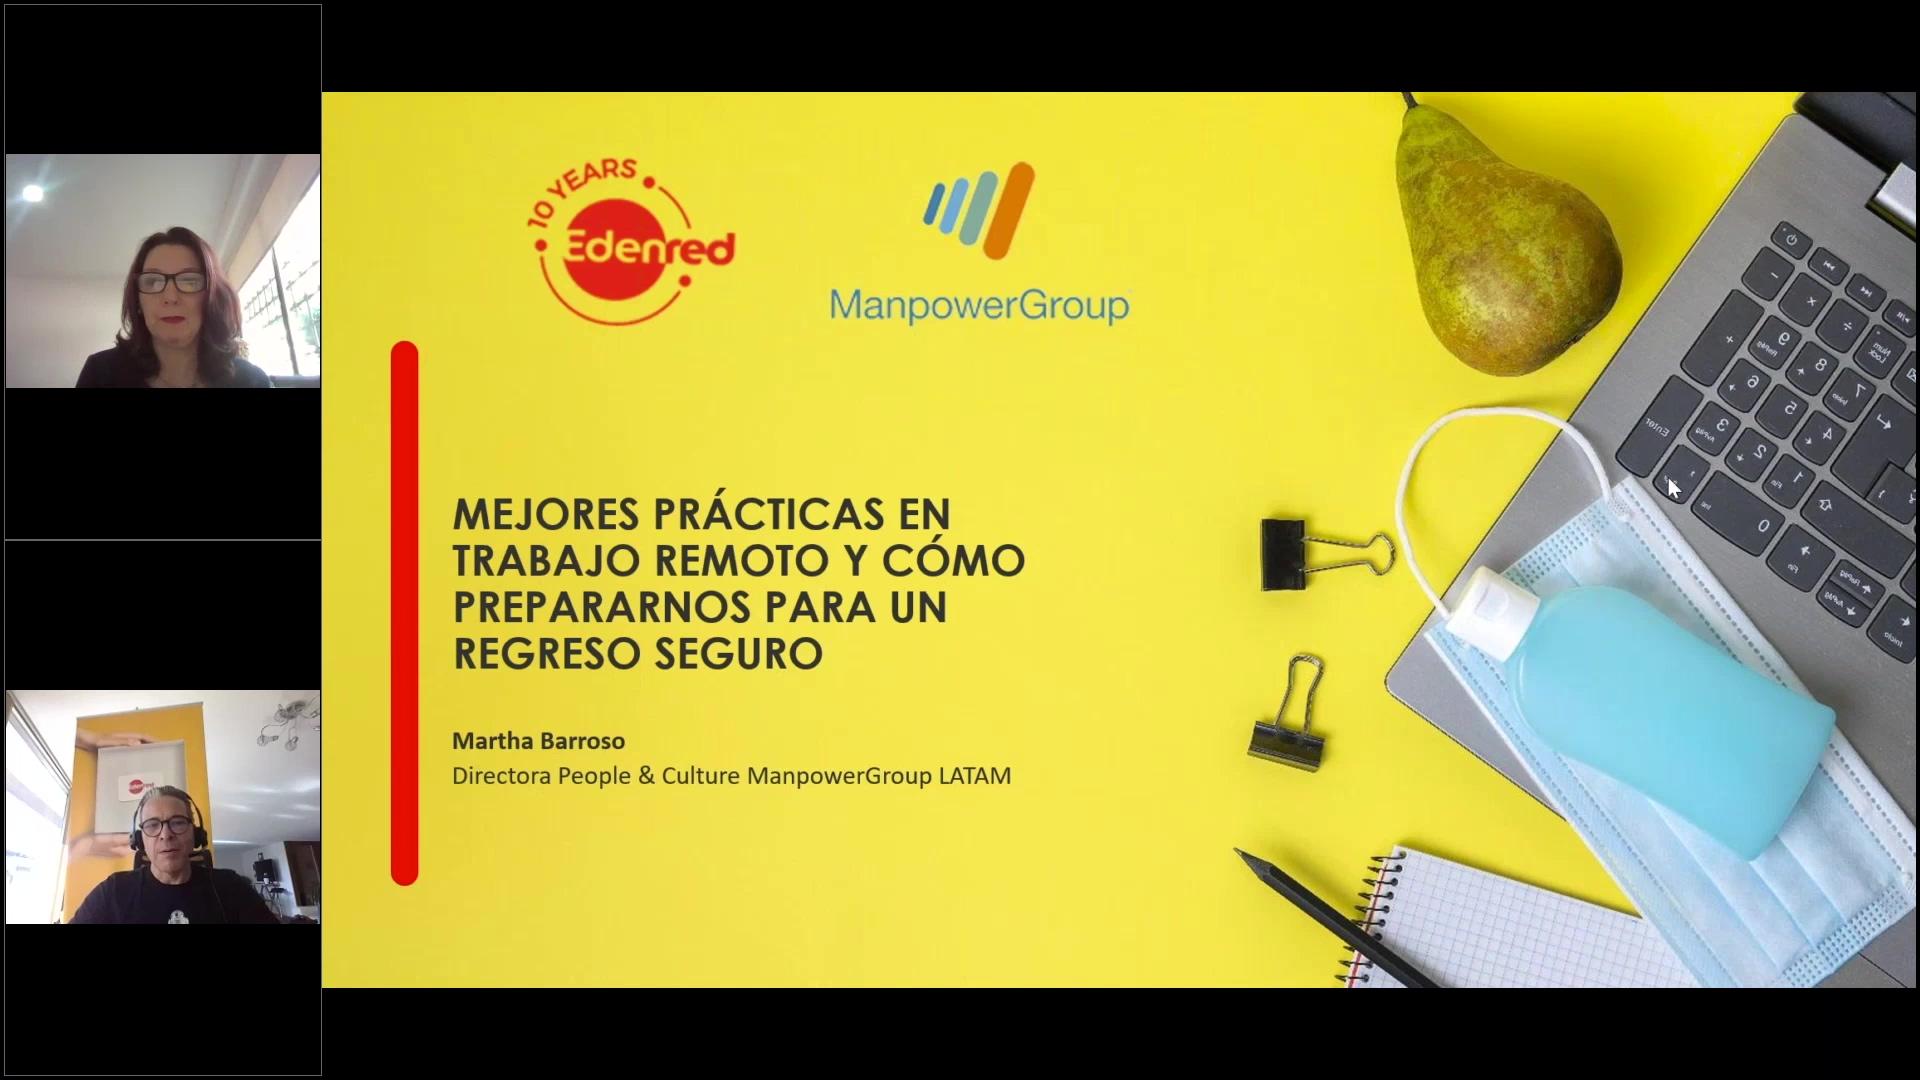 19 clip webinar Mejores prácticas en trabajo remoto y como prepararnos para un regreso seguro